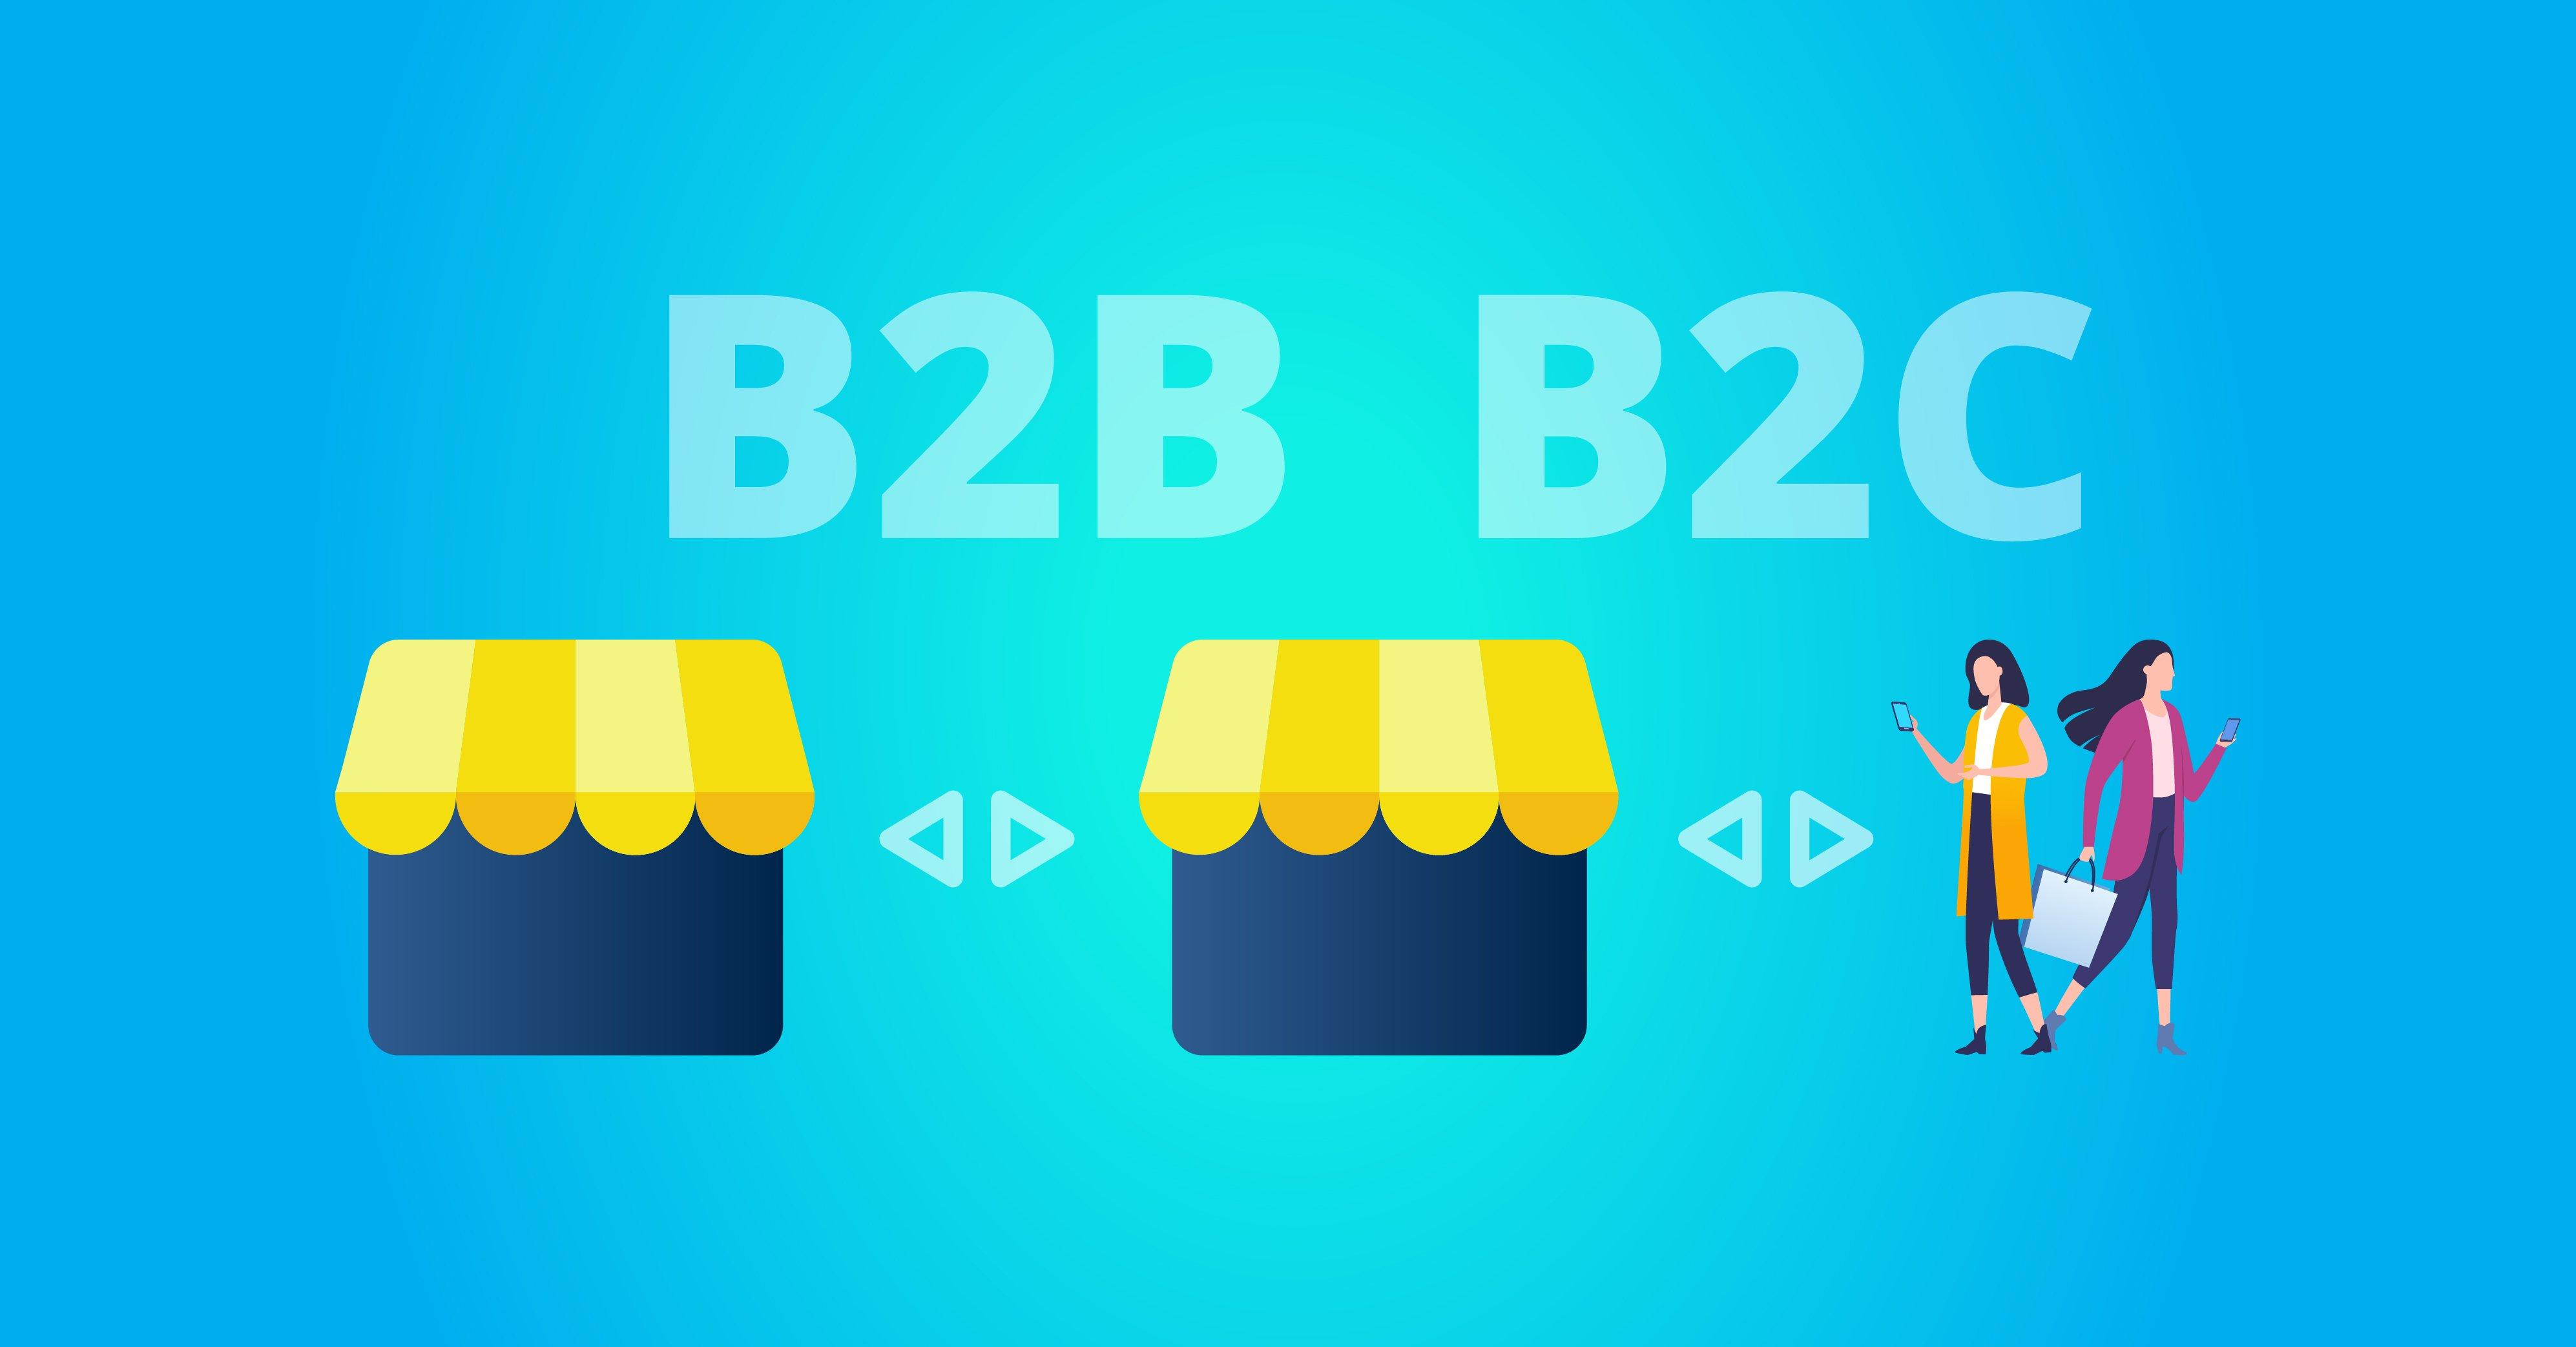 B2B y B2C ¿Qué son y en qué se diferencian?